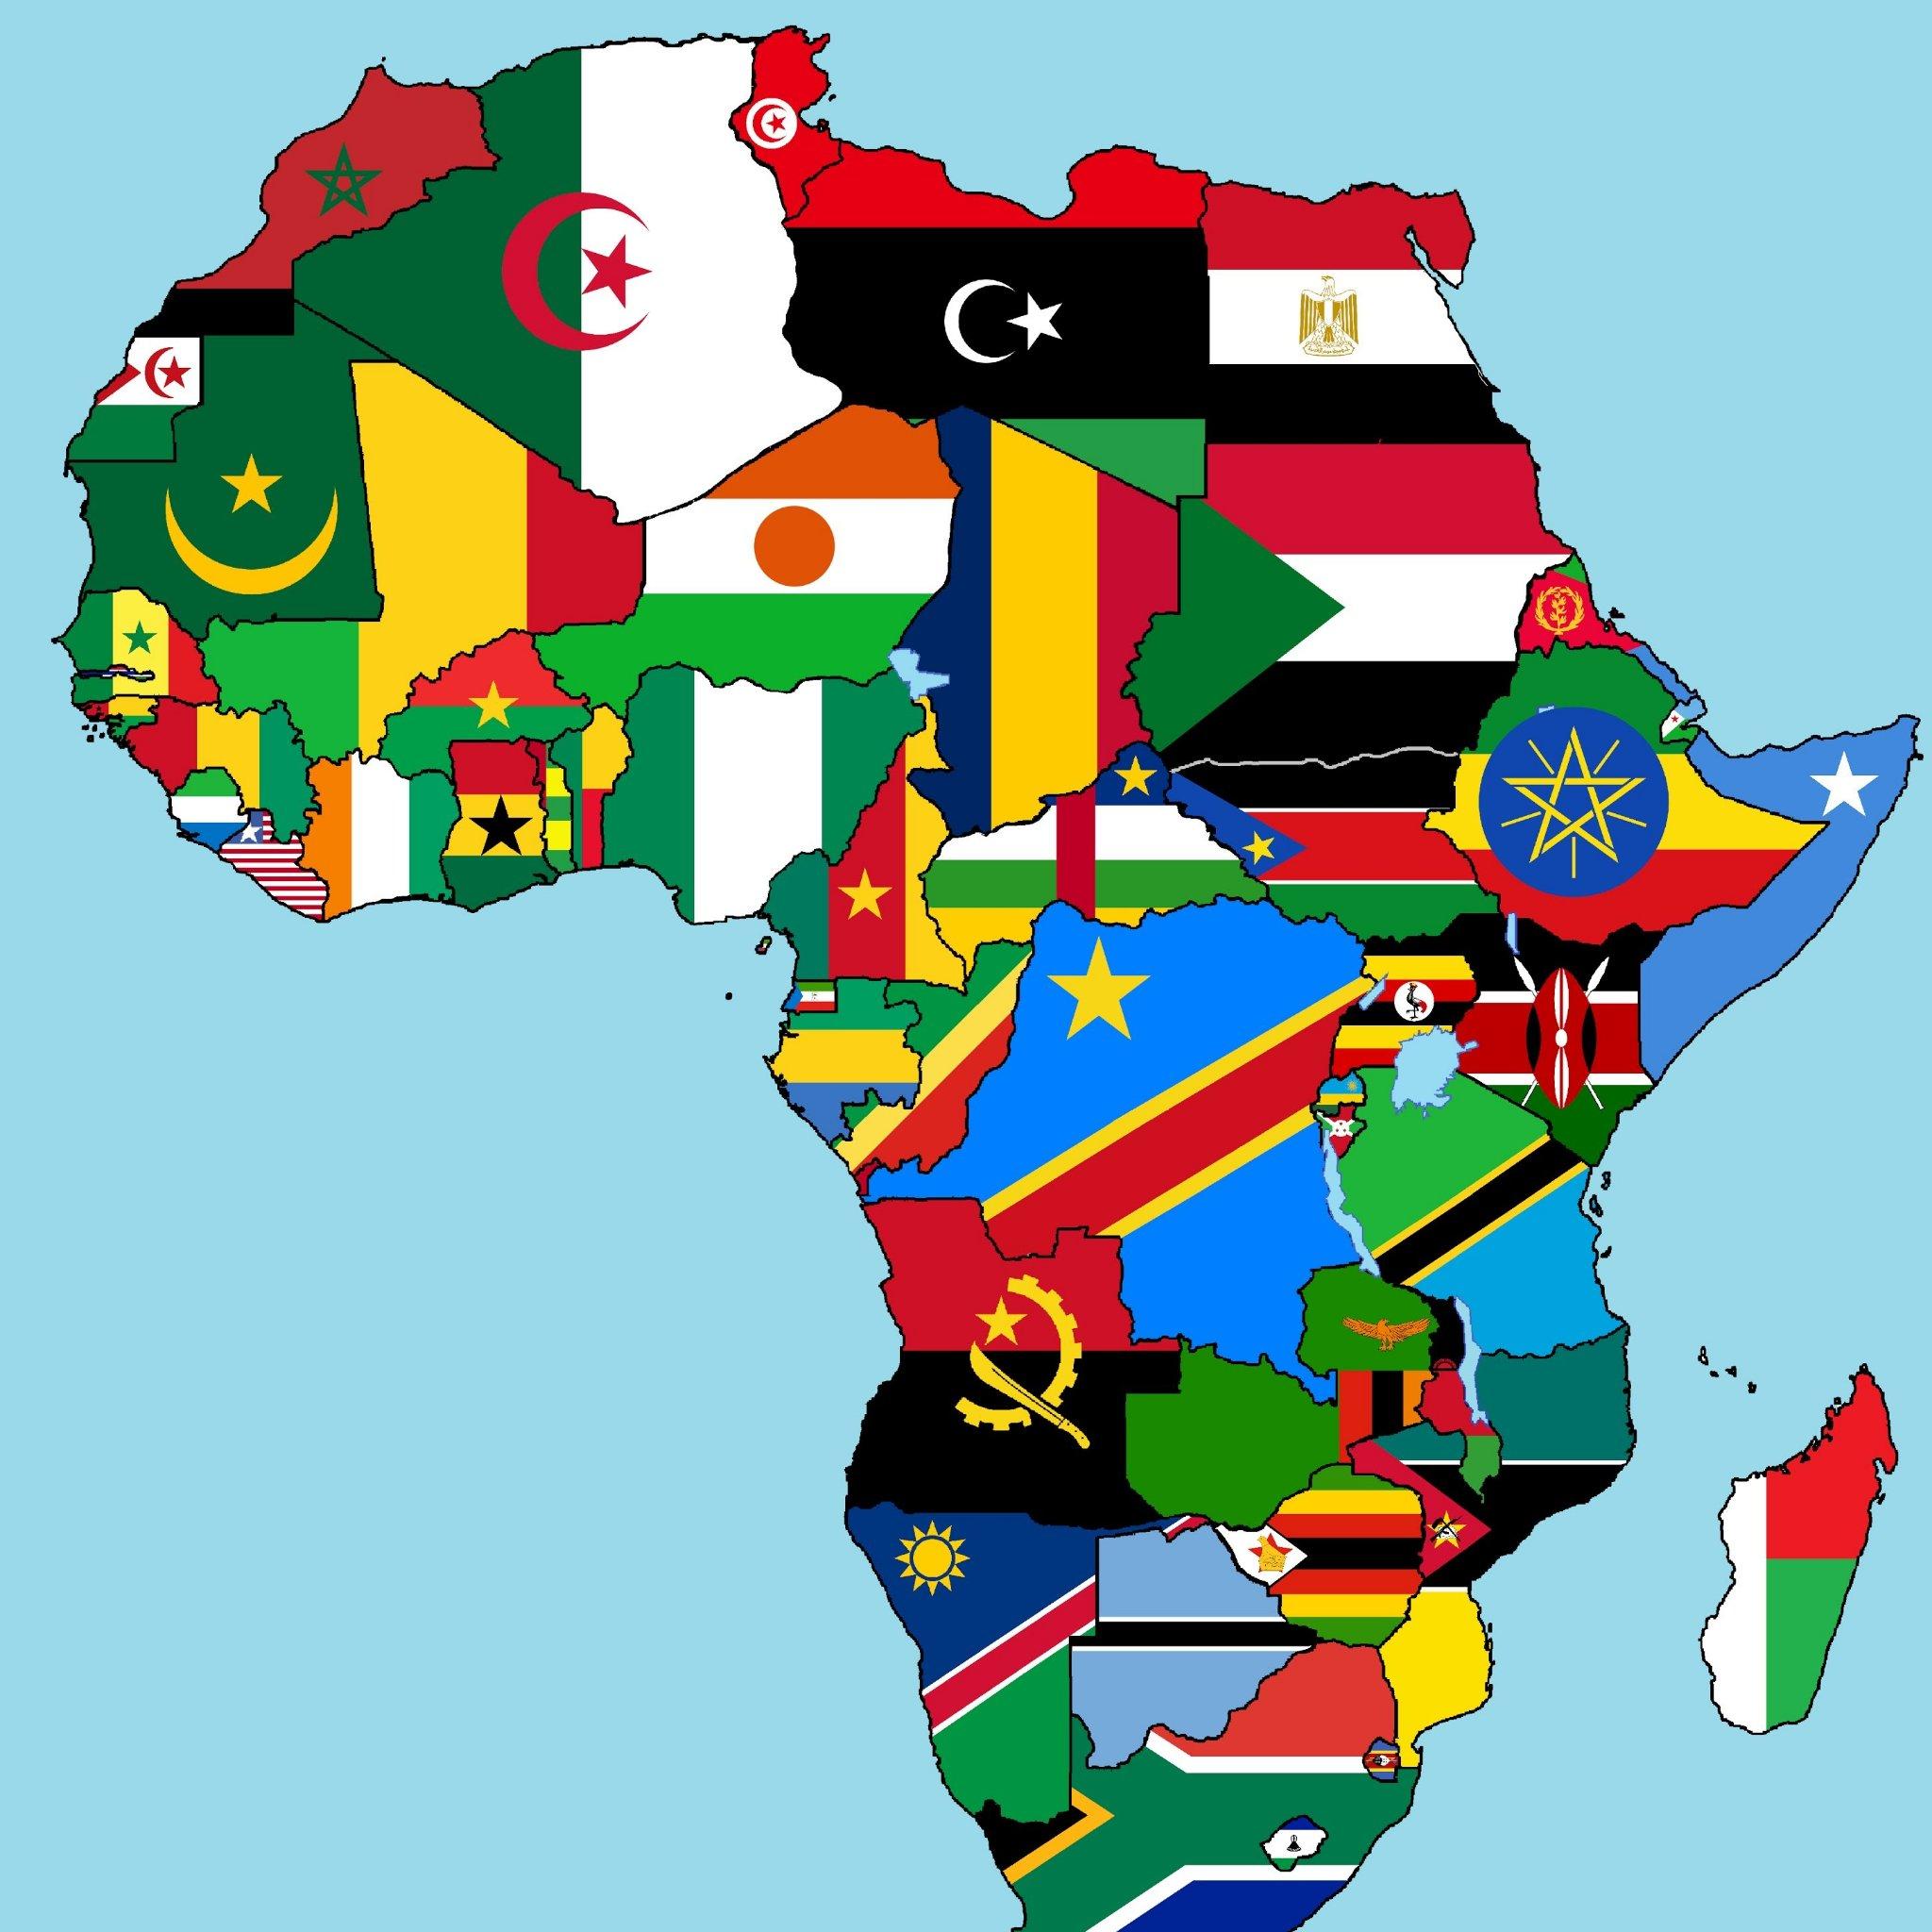 AfricaTembelea